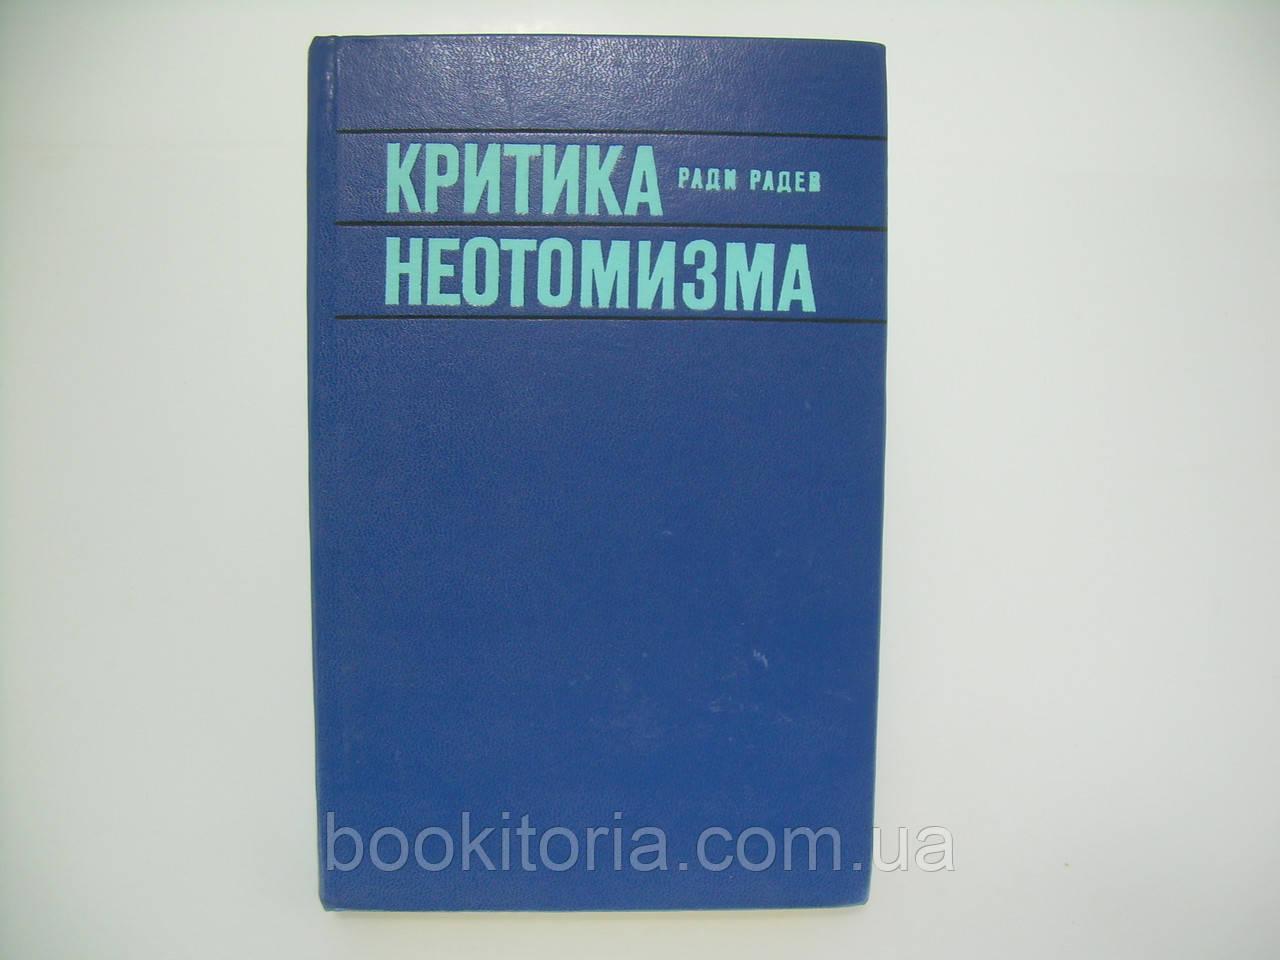 Радев Р. Критика неотомизма (б/у).